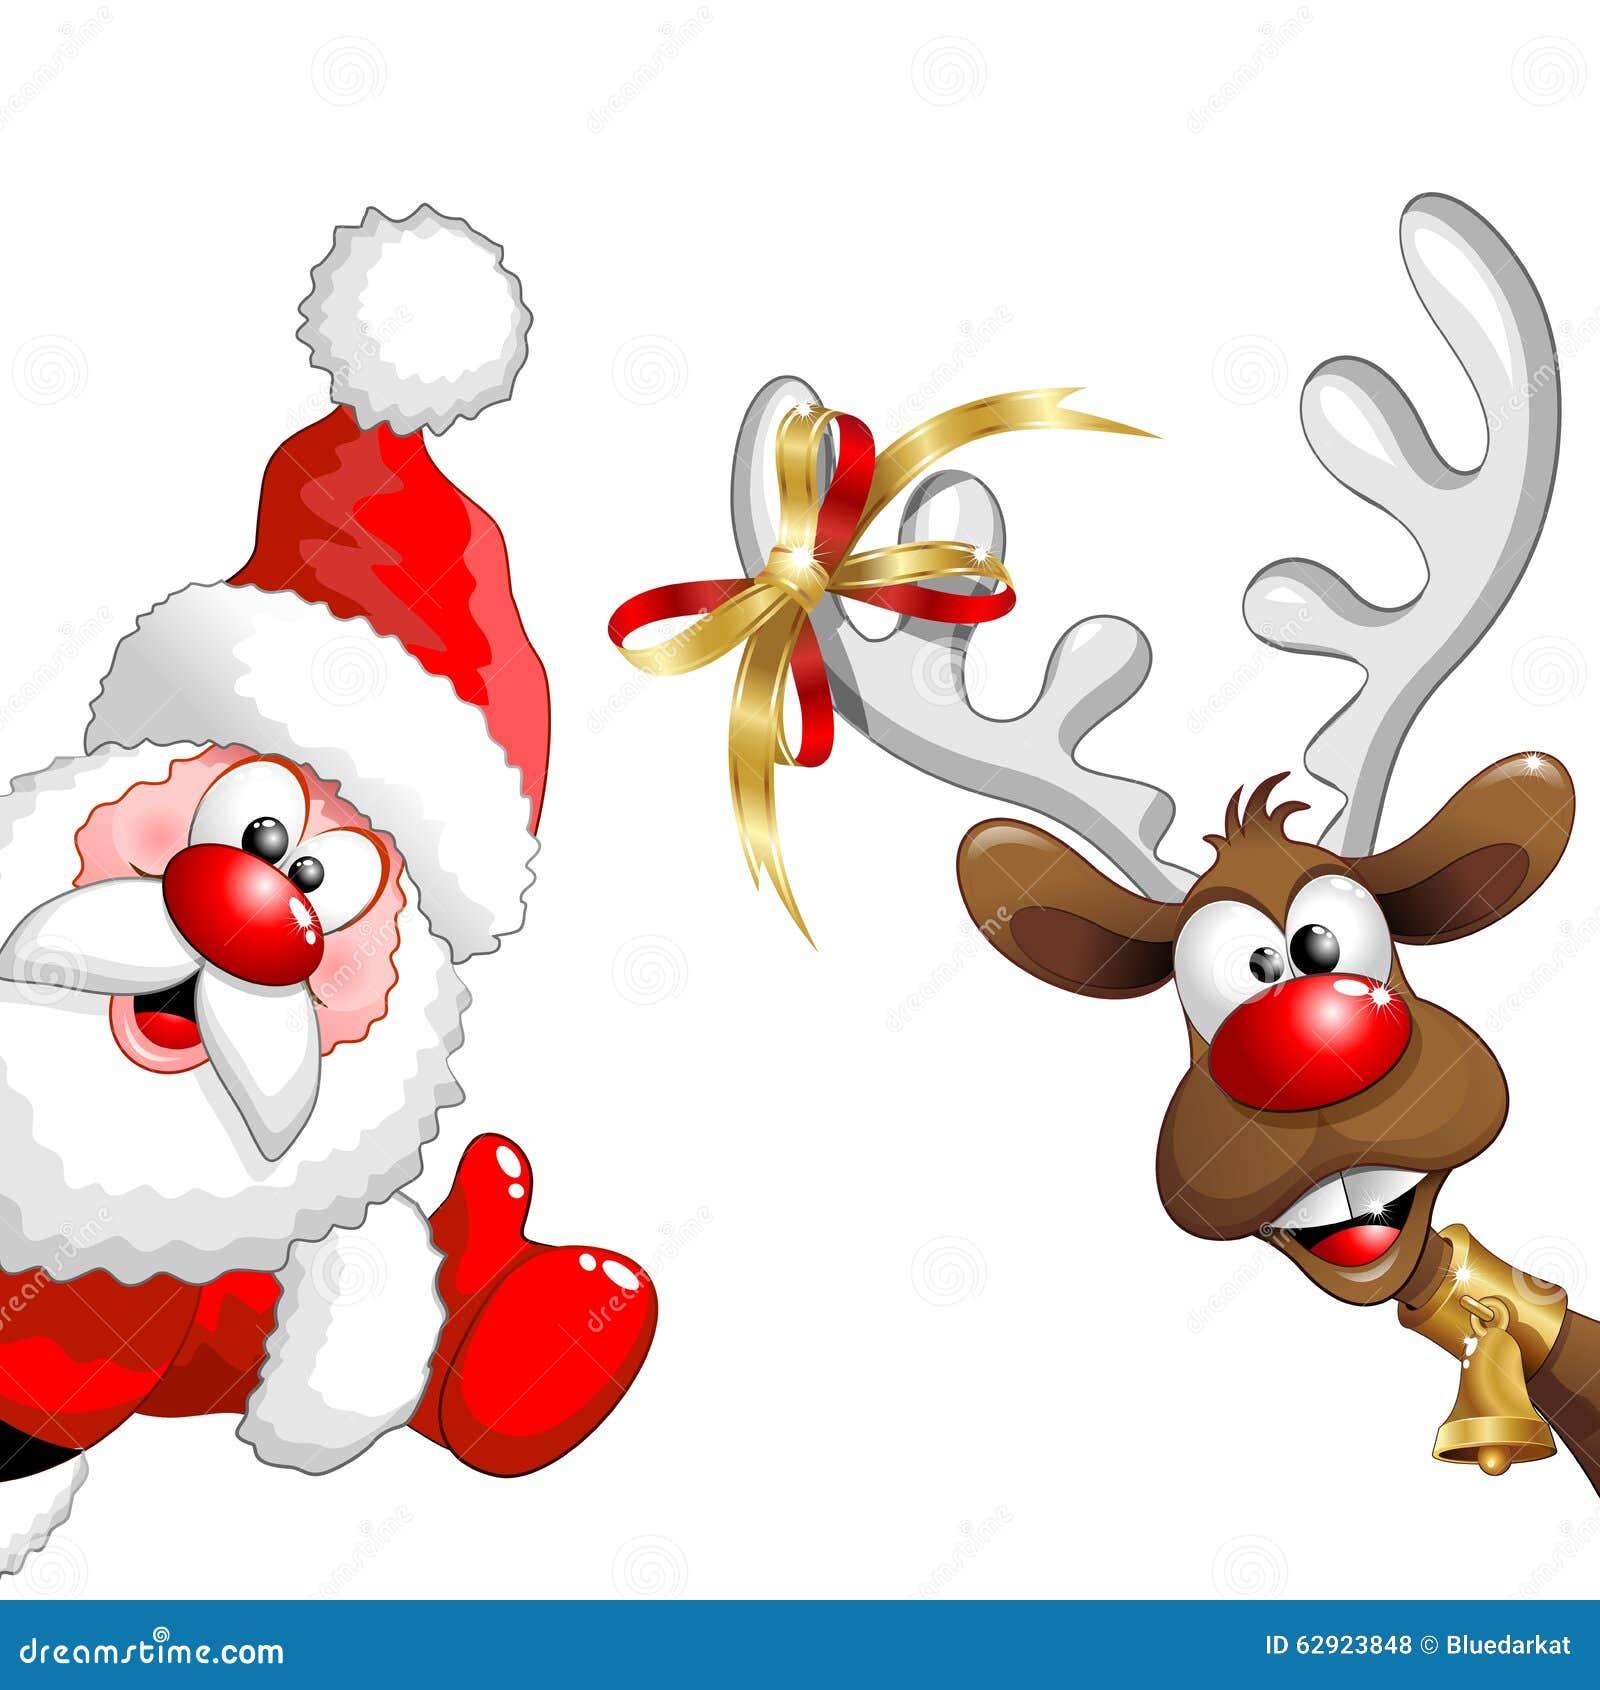 Natale Renna E Santa Fun Cartoons Illustrazione Vettoriale